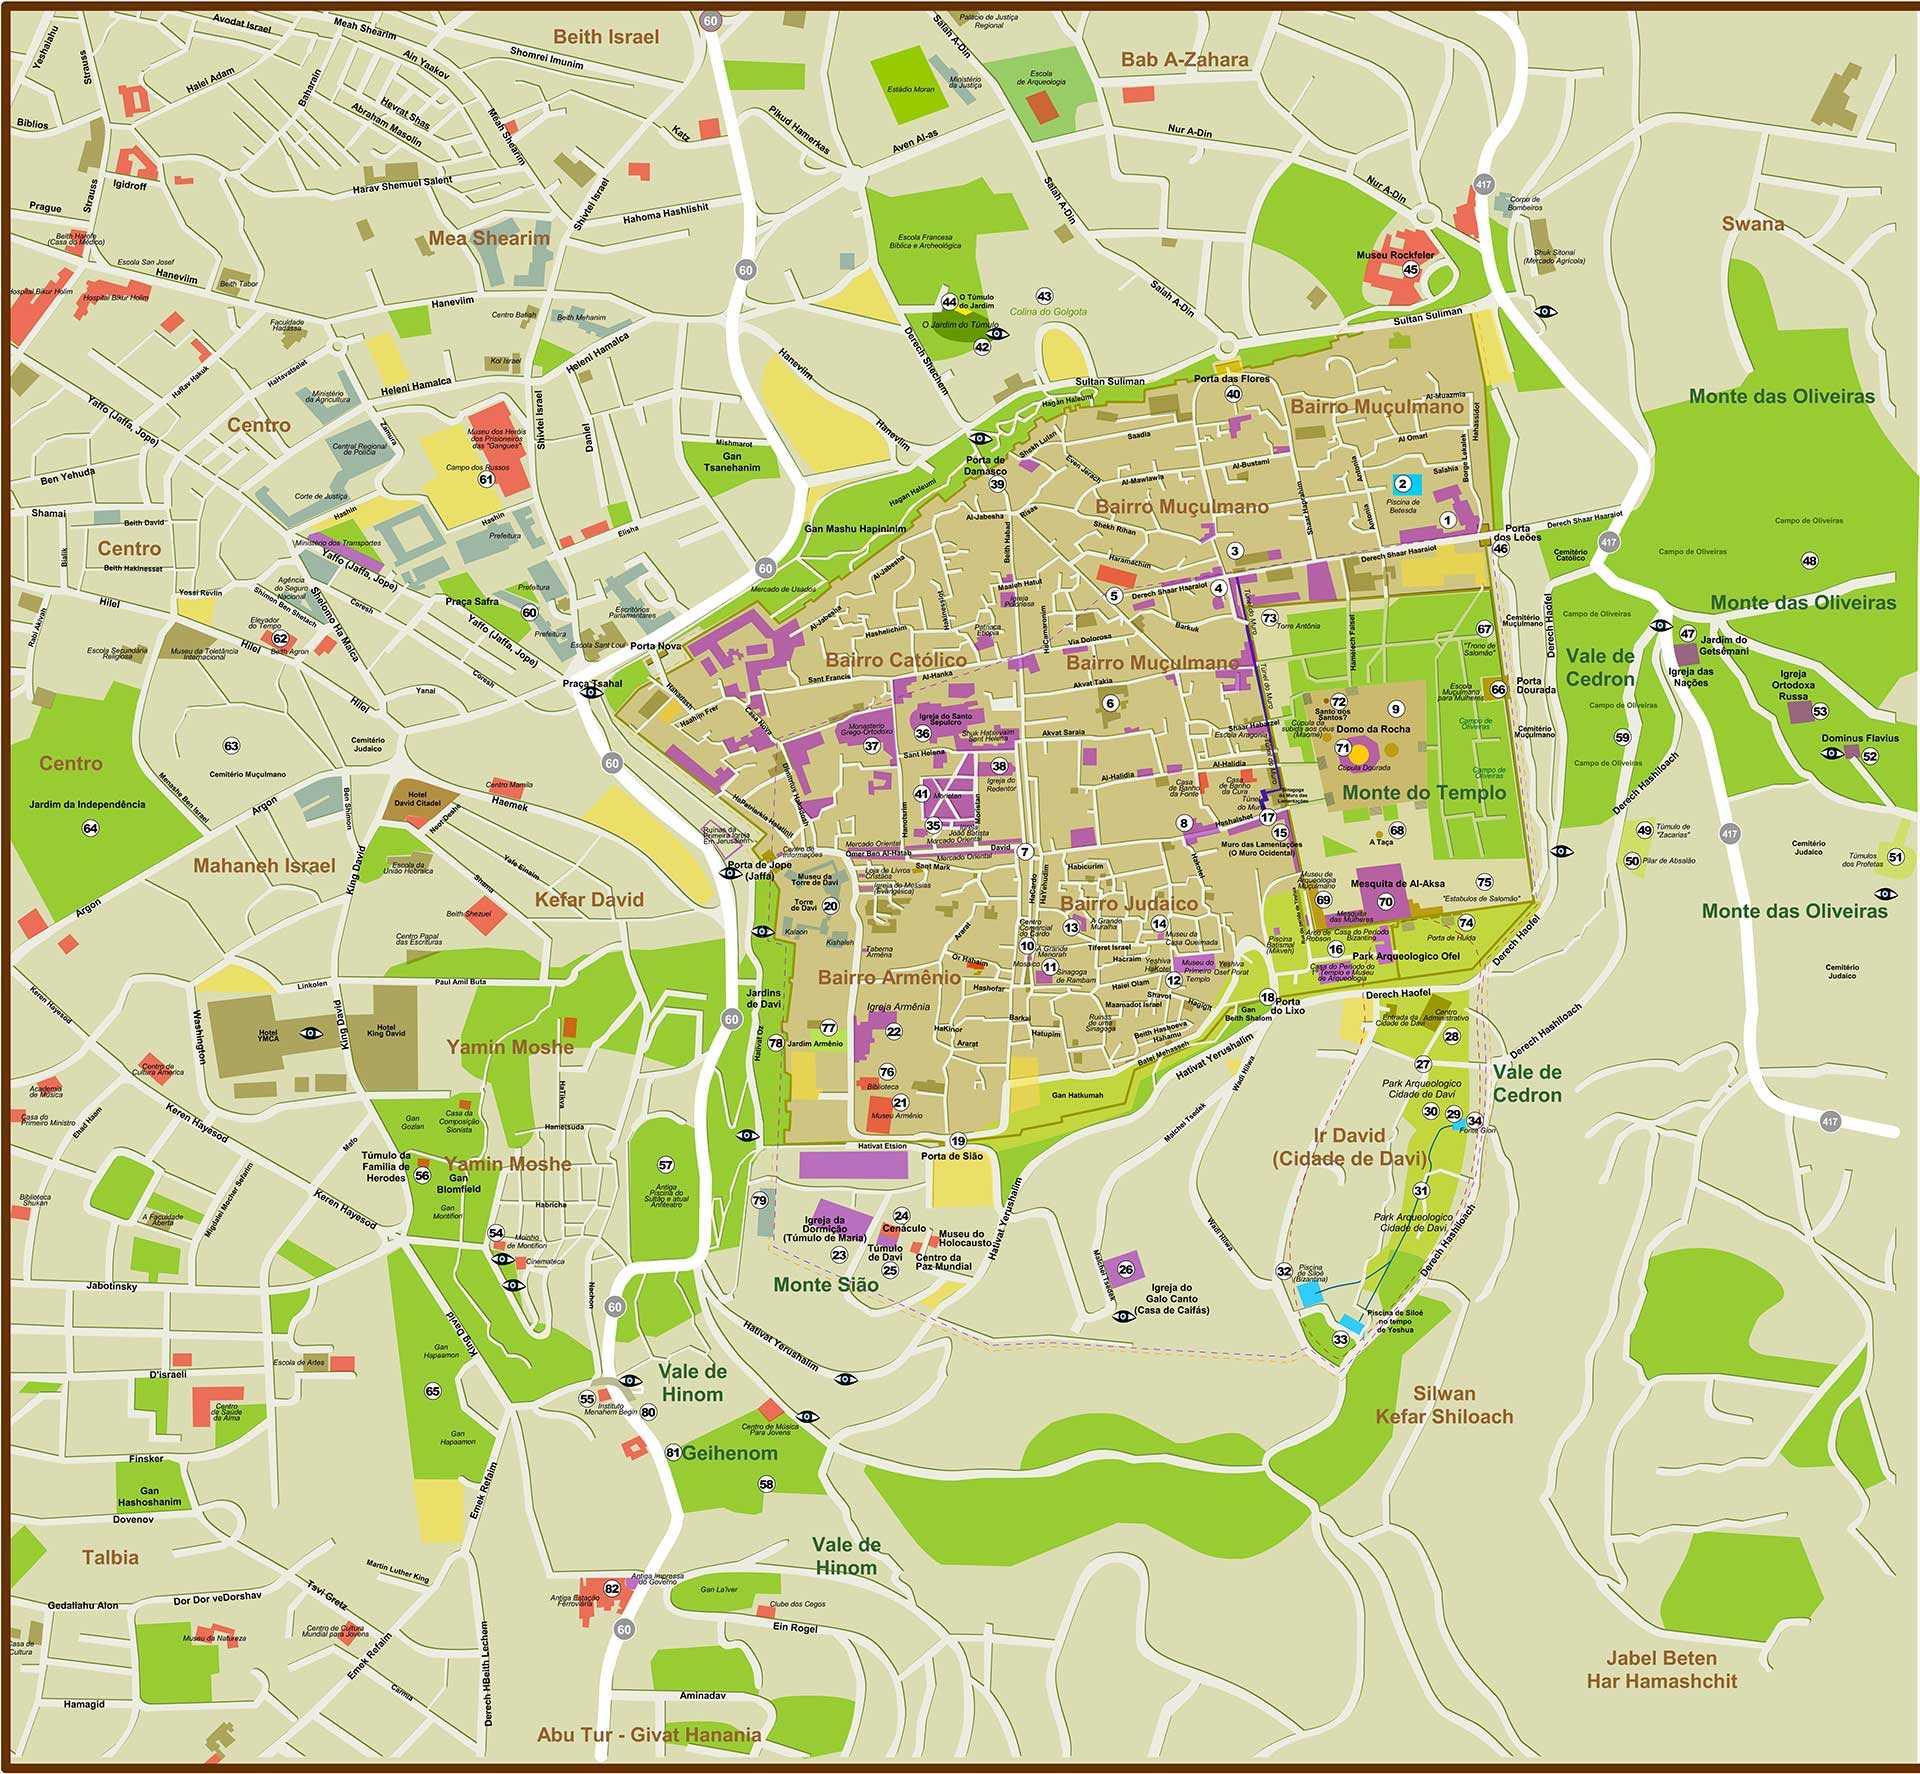 mapa jerusalem Grande Mapa de Jerusalém para impressão.   Cafetorah   Notícias de  mapa jerusalem